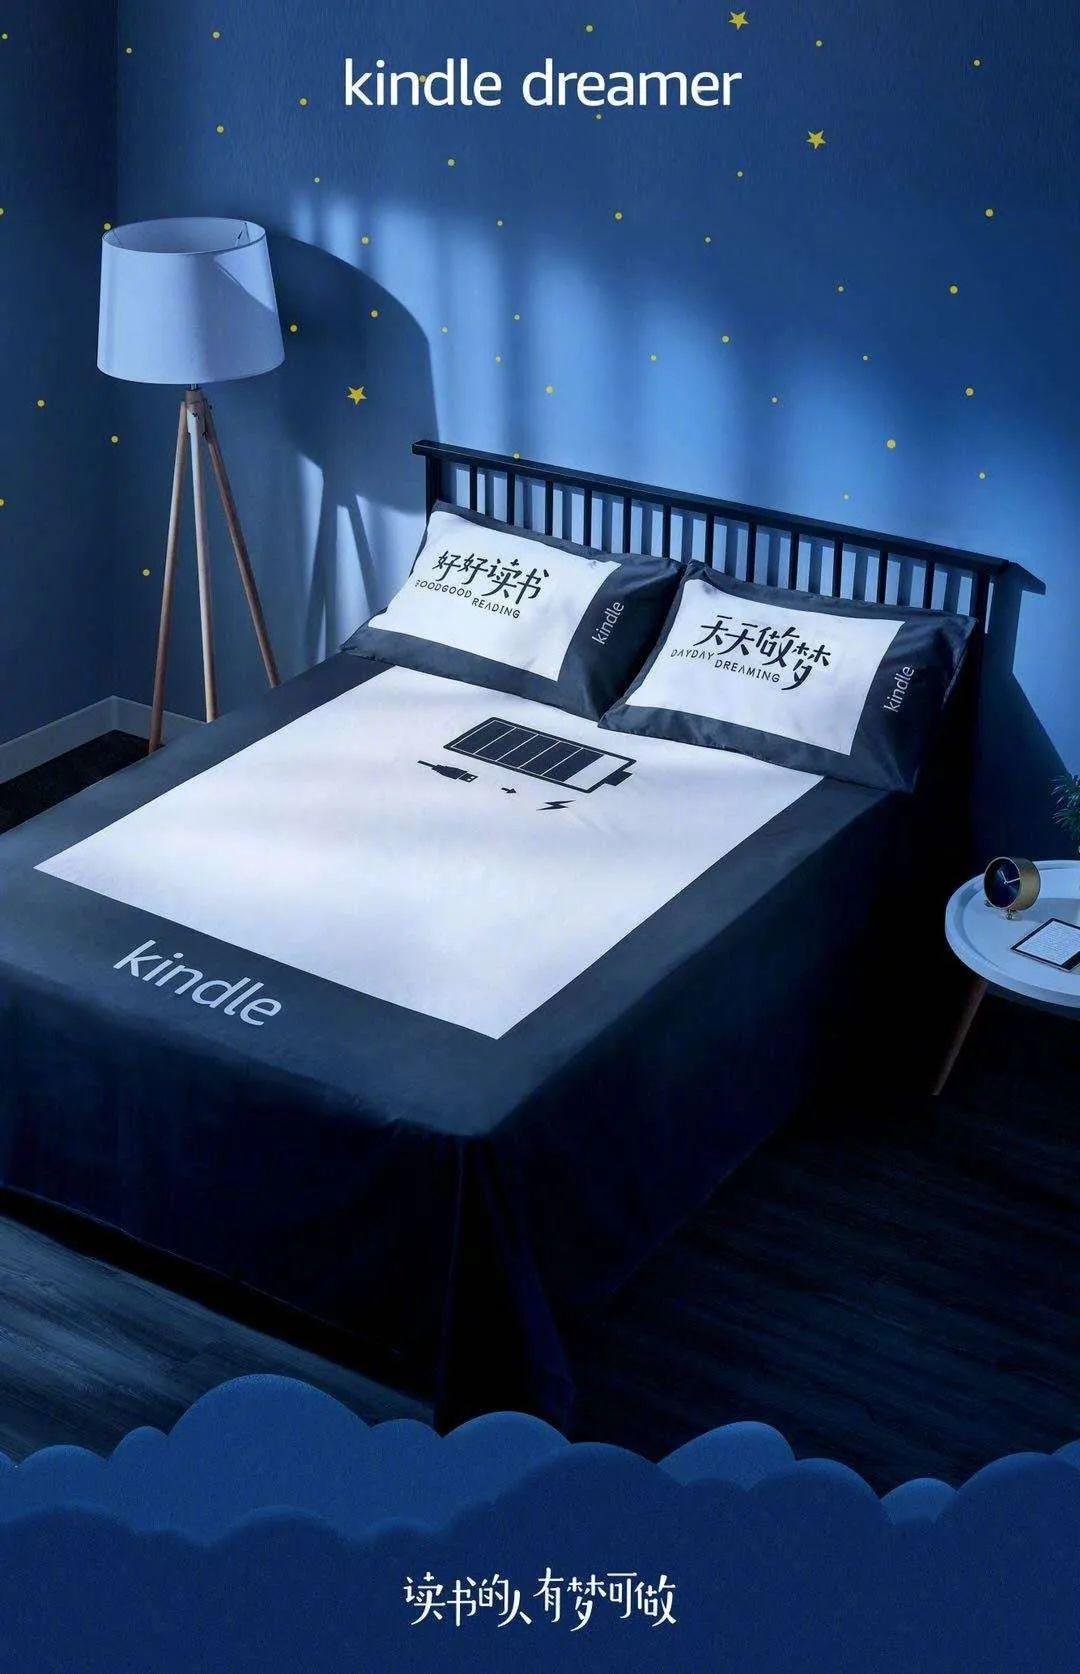 Kindle,出床上四件套了!